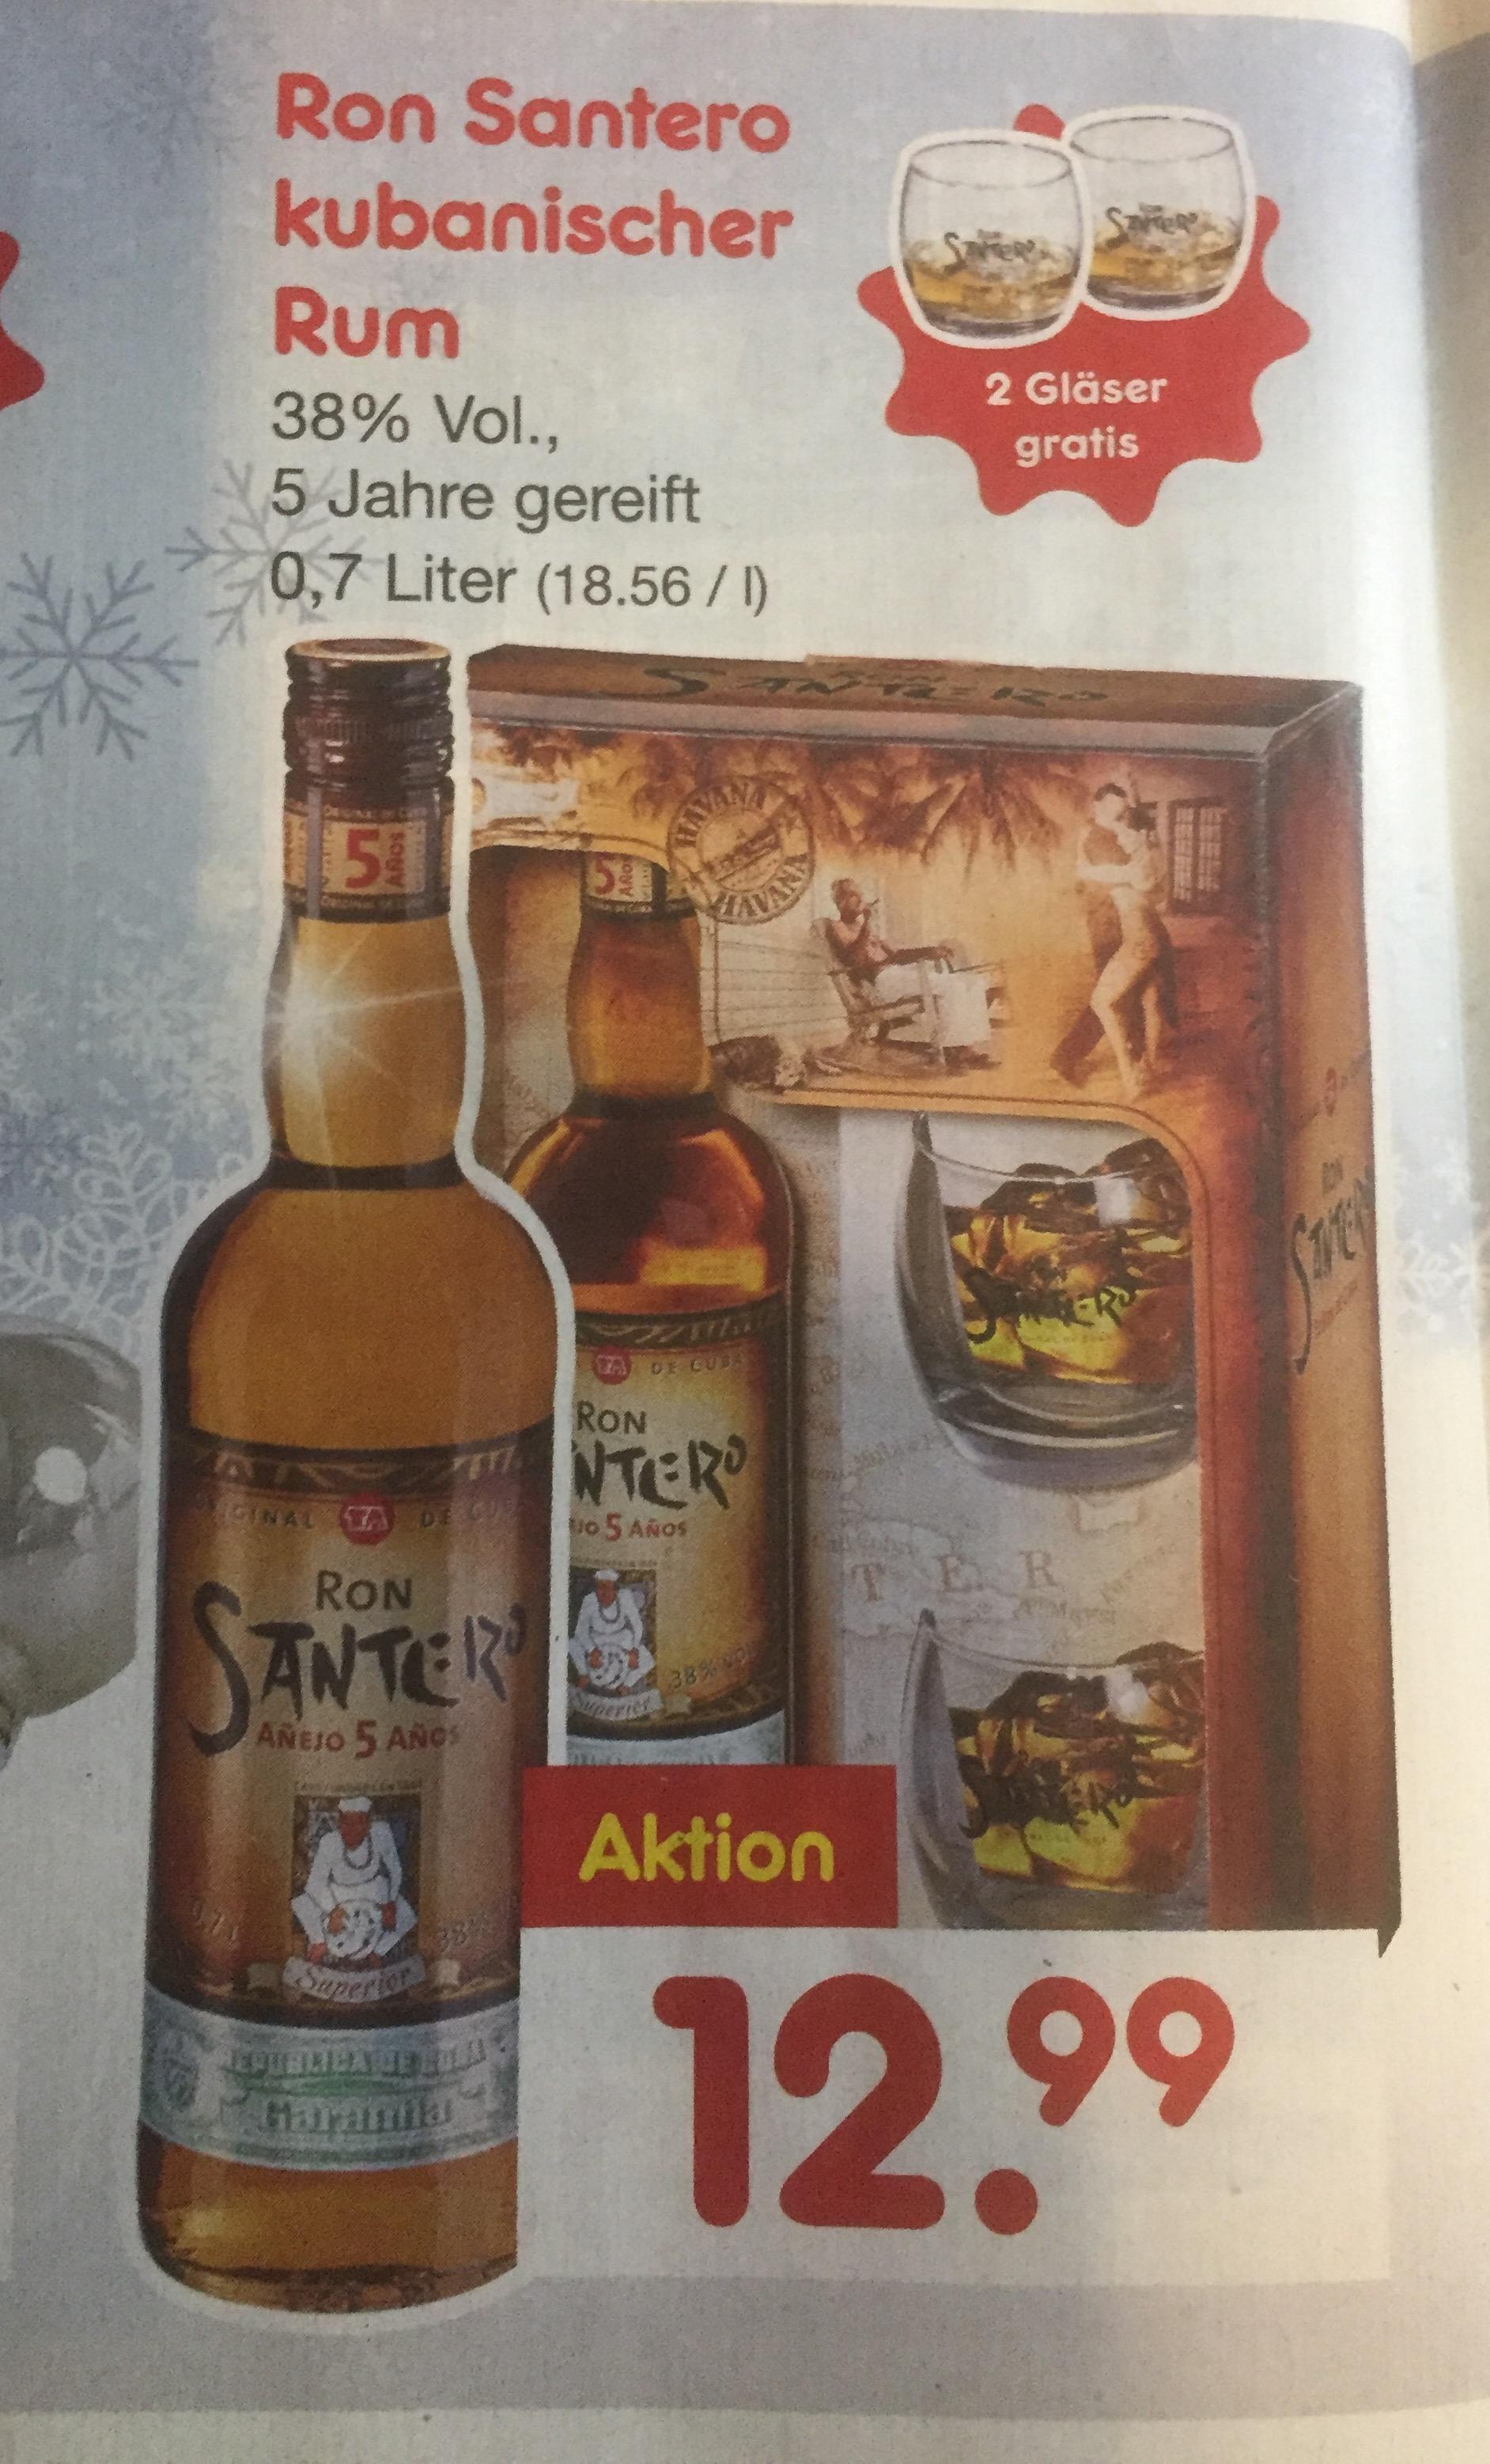 Santero 5 Jahre Kubanischer Rum @ Netto Marken-Discount Raum Landsh